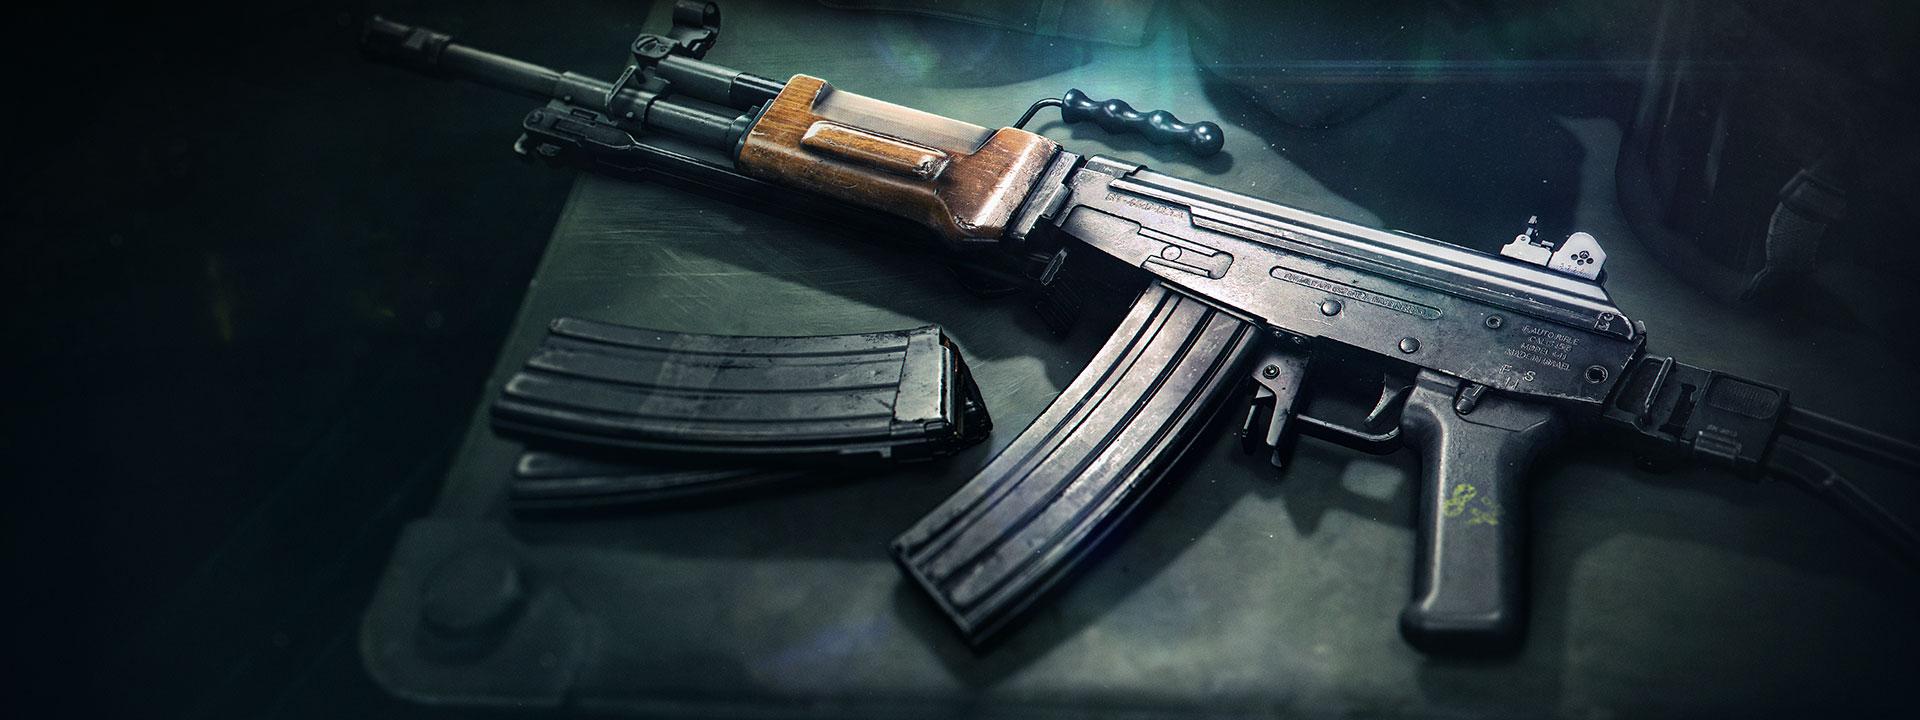 The Grav Assault Rifle